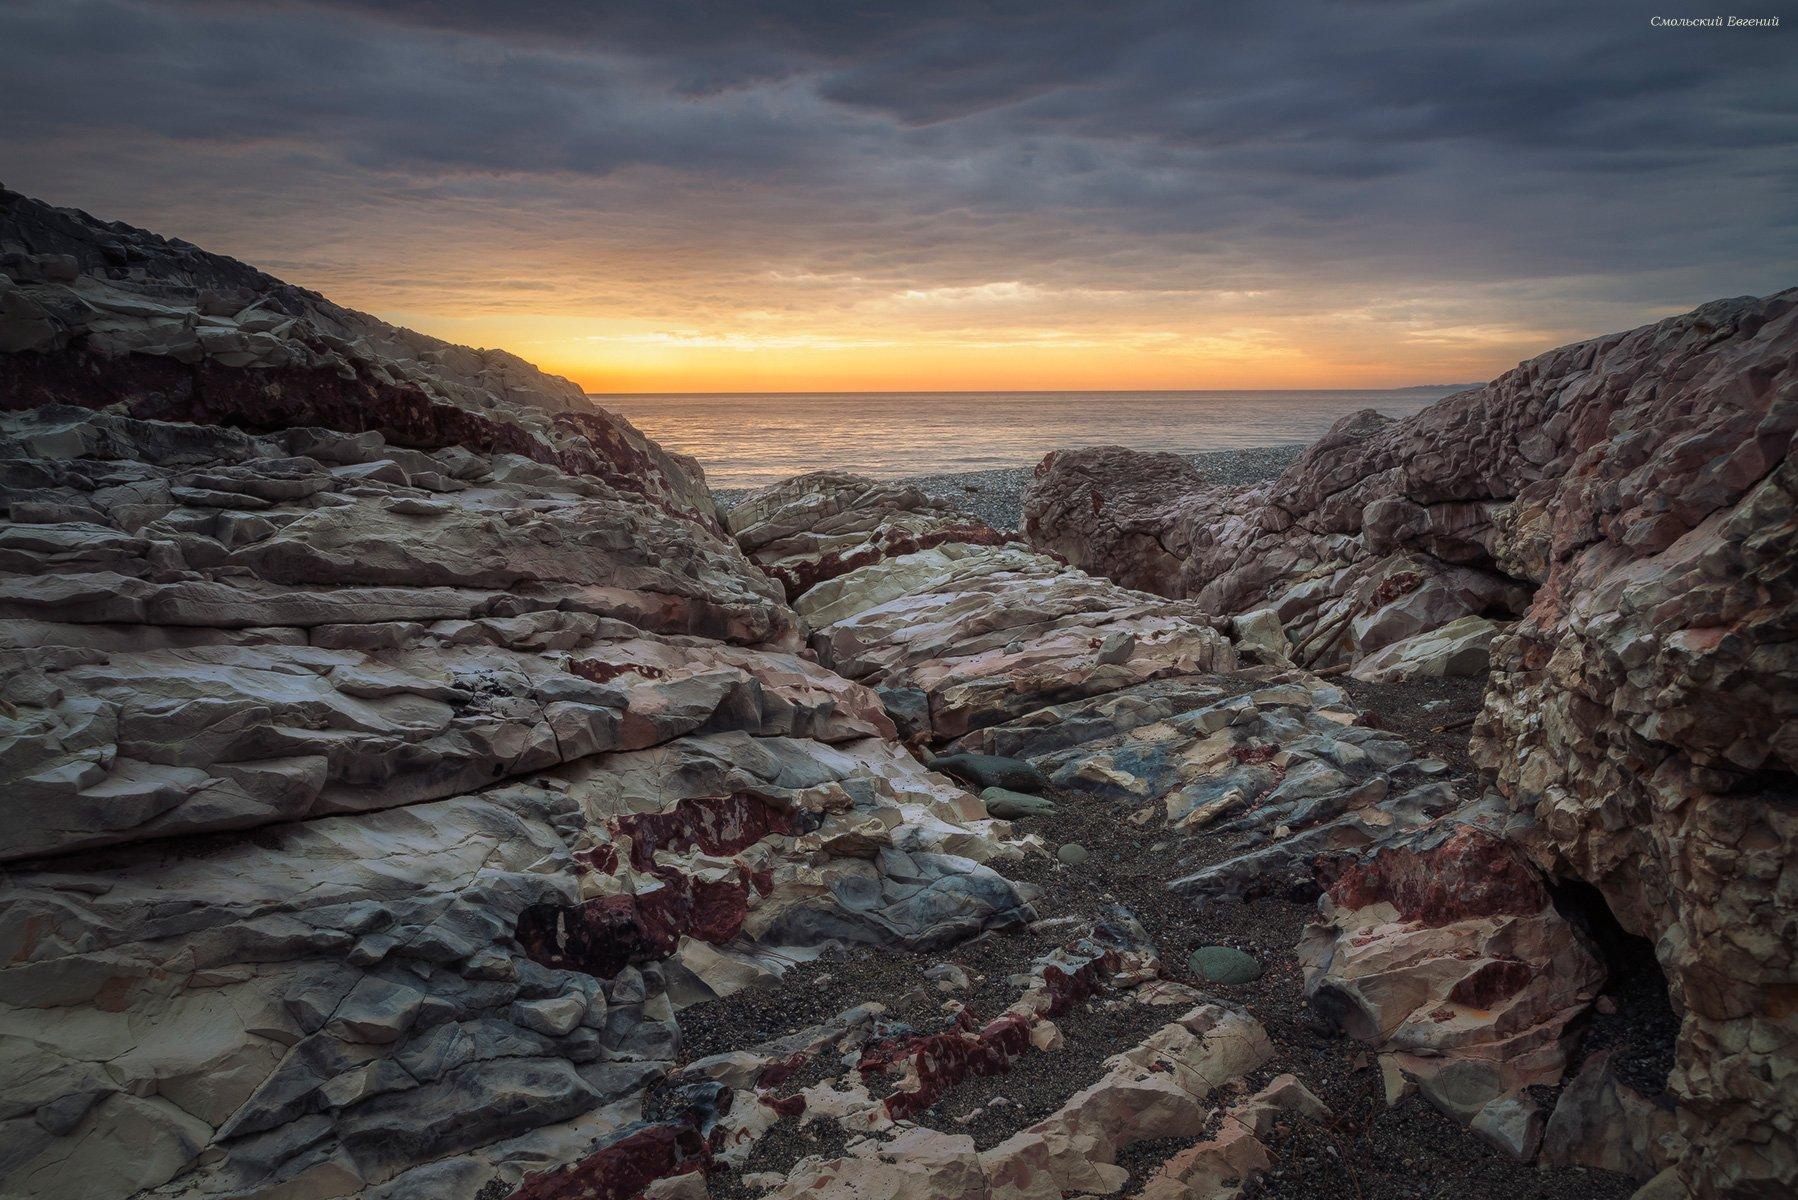 закат, море, пляж, вечер, абхазия, камни, Смольский Евгений